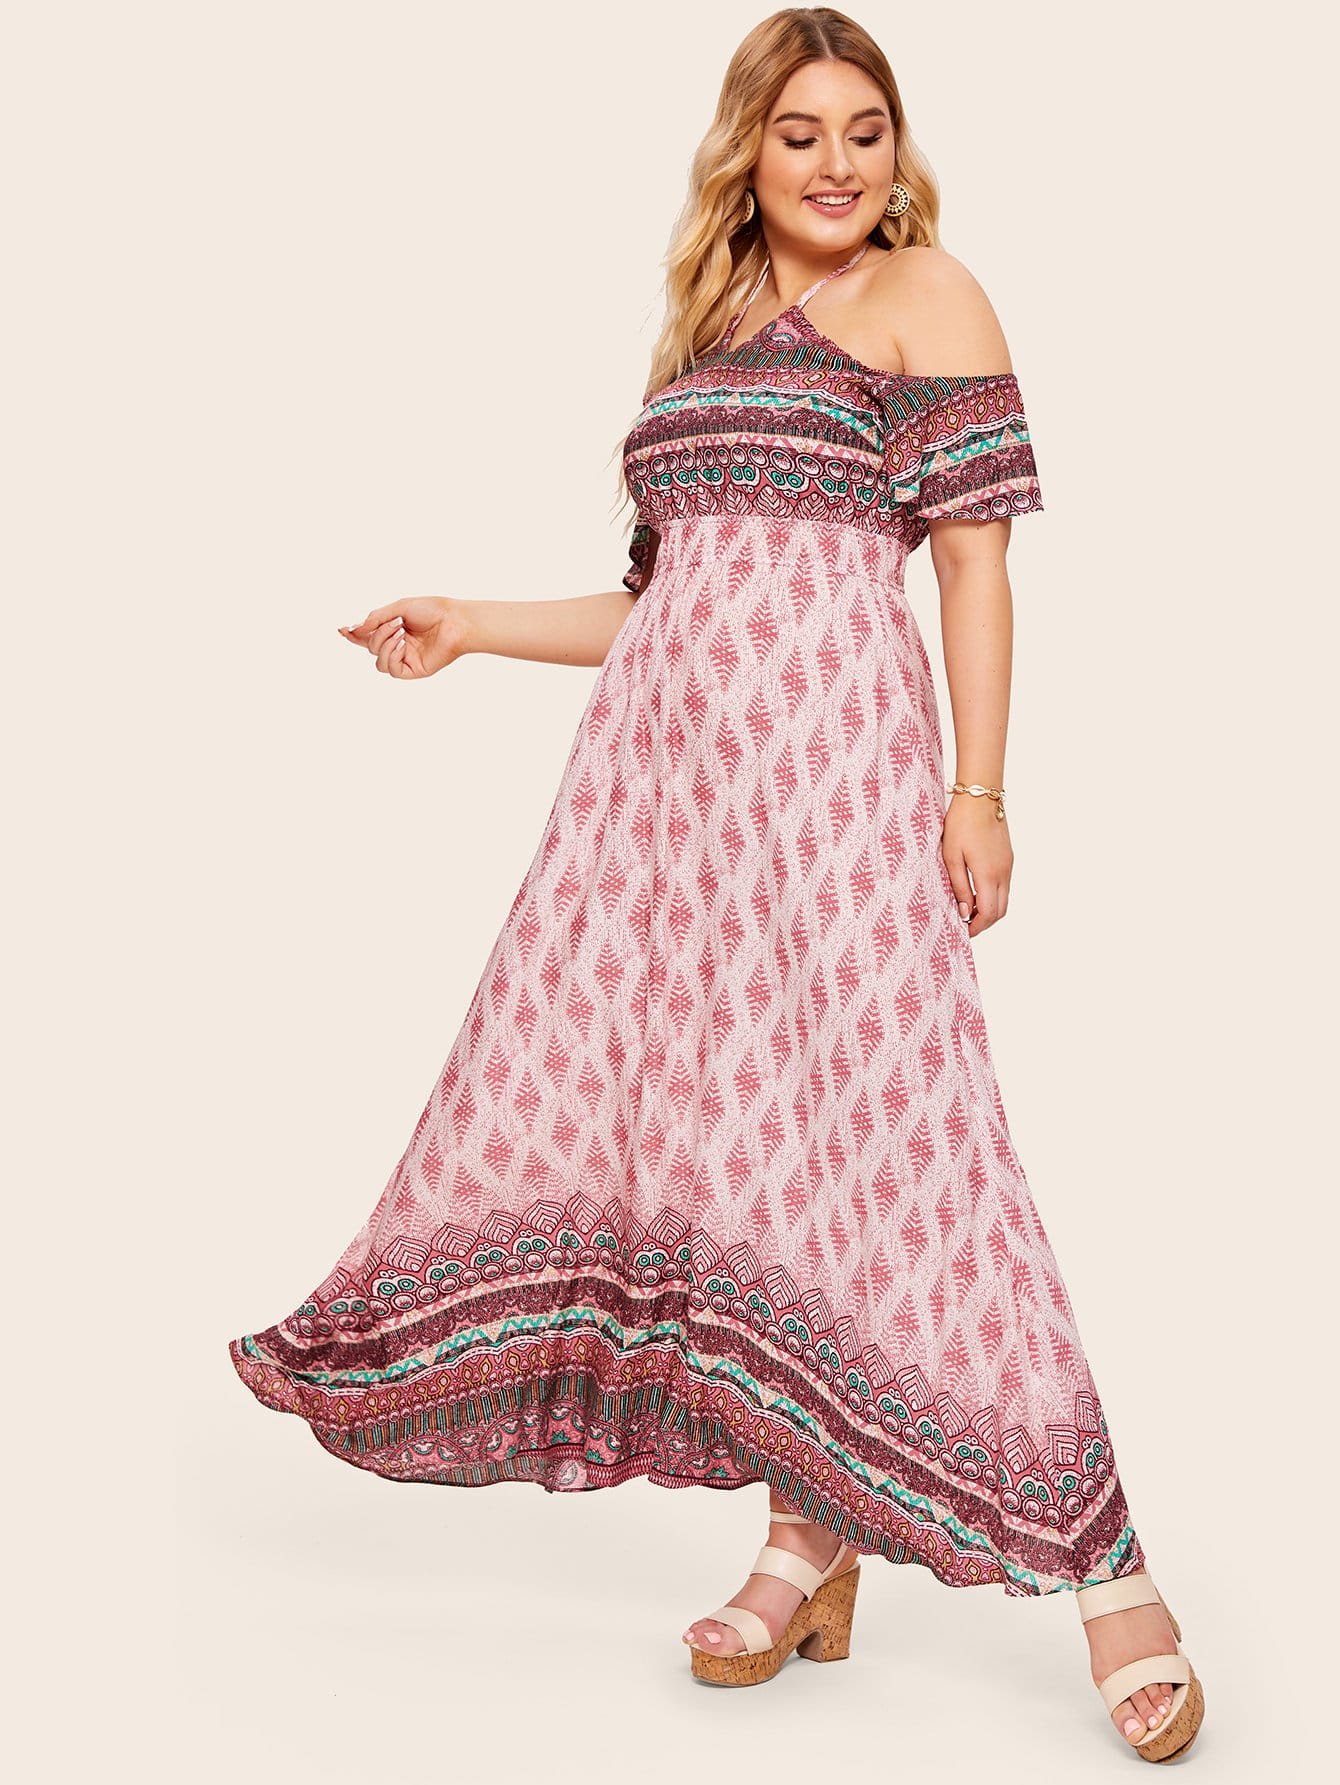 Длинное платье-халтер с племенным принтом размера плюс